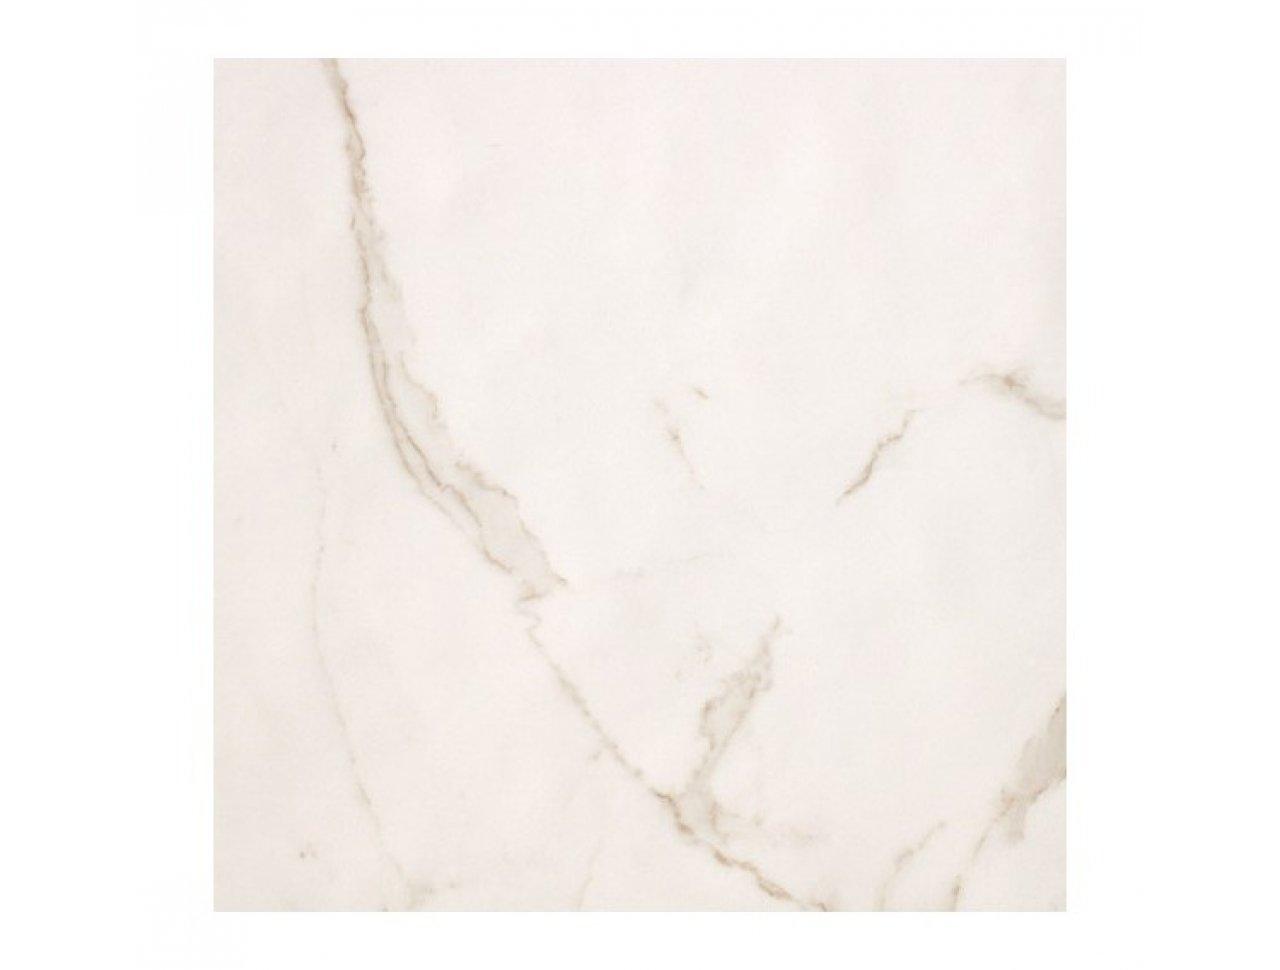 Напольная плитка FAP Roma Calacatta Lux 60 x 60 см, Арт. fLRG